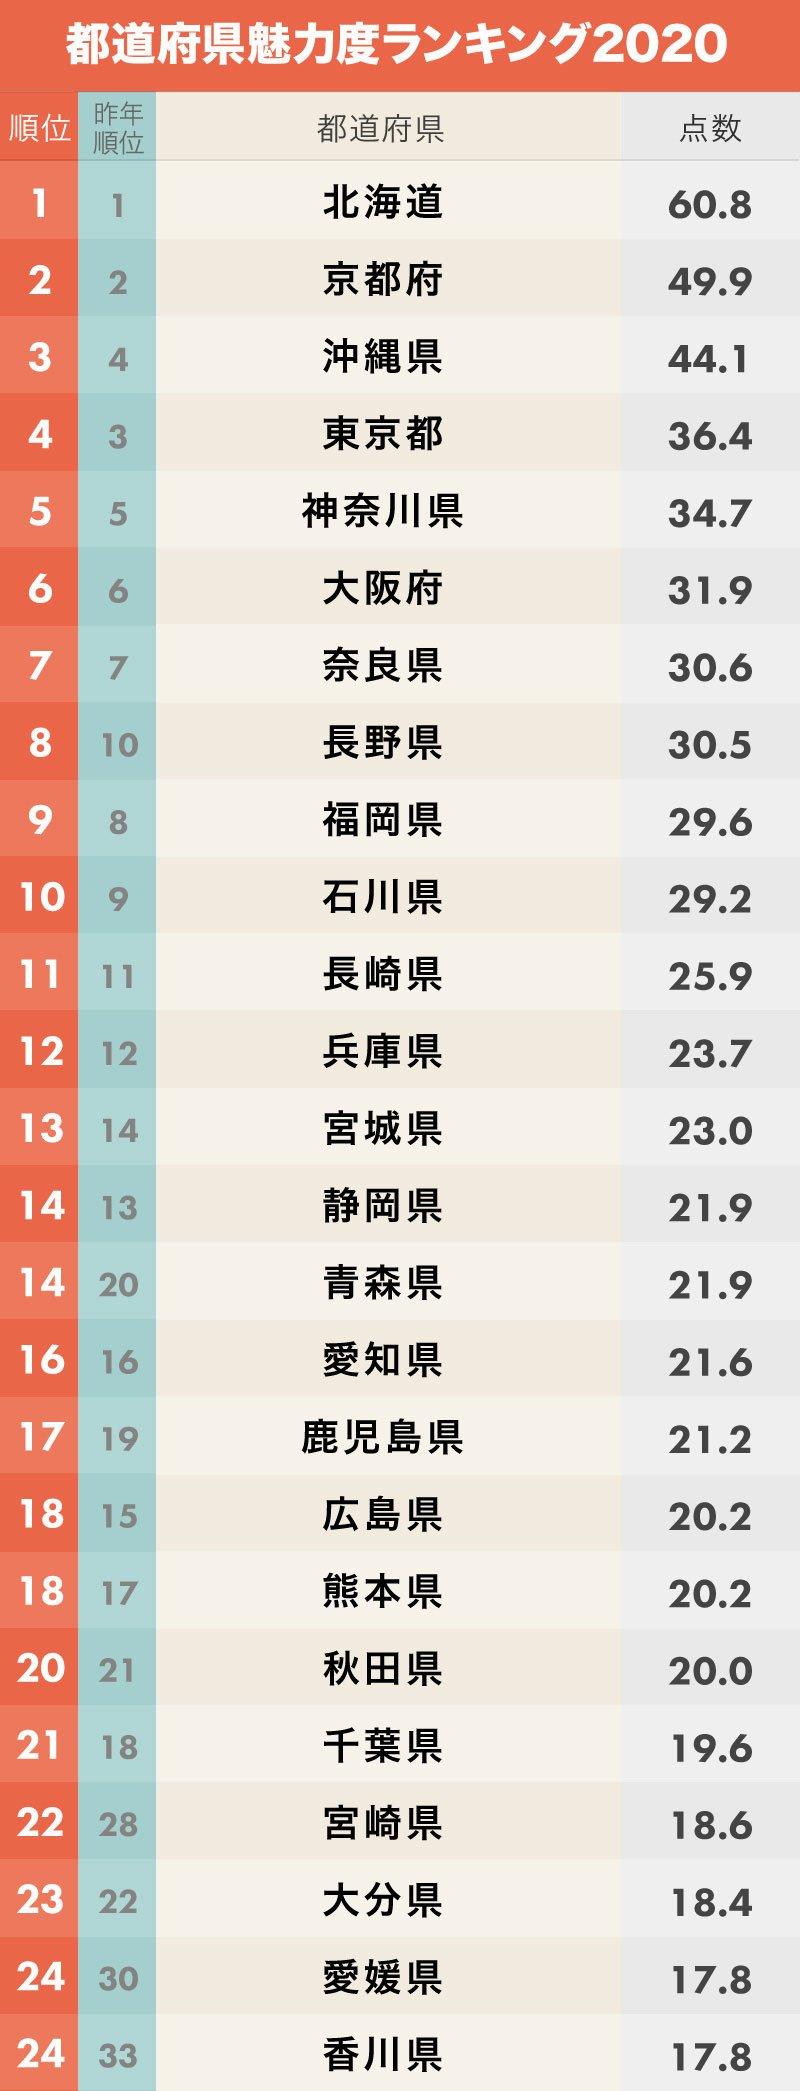 都道府県魅力度ランキング1位~24位